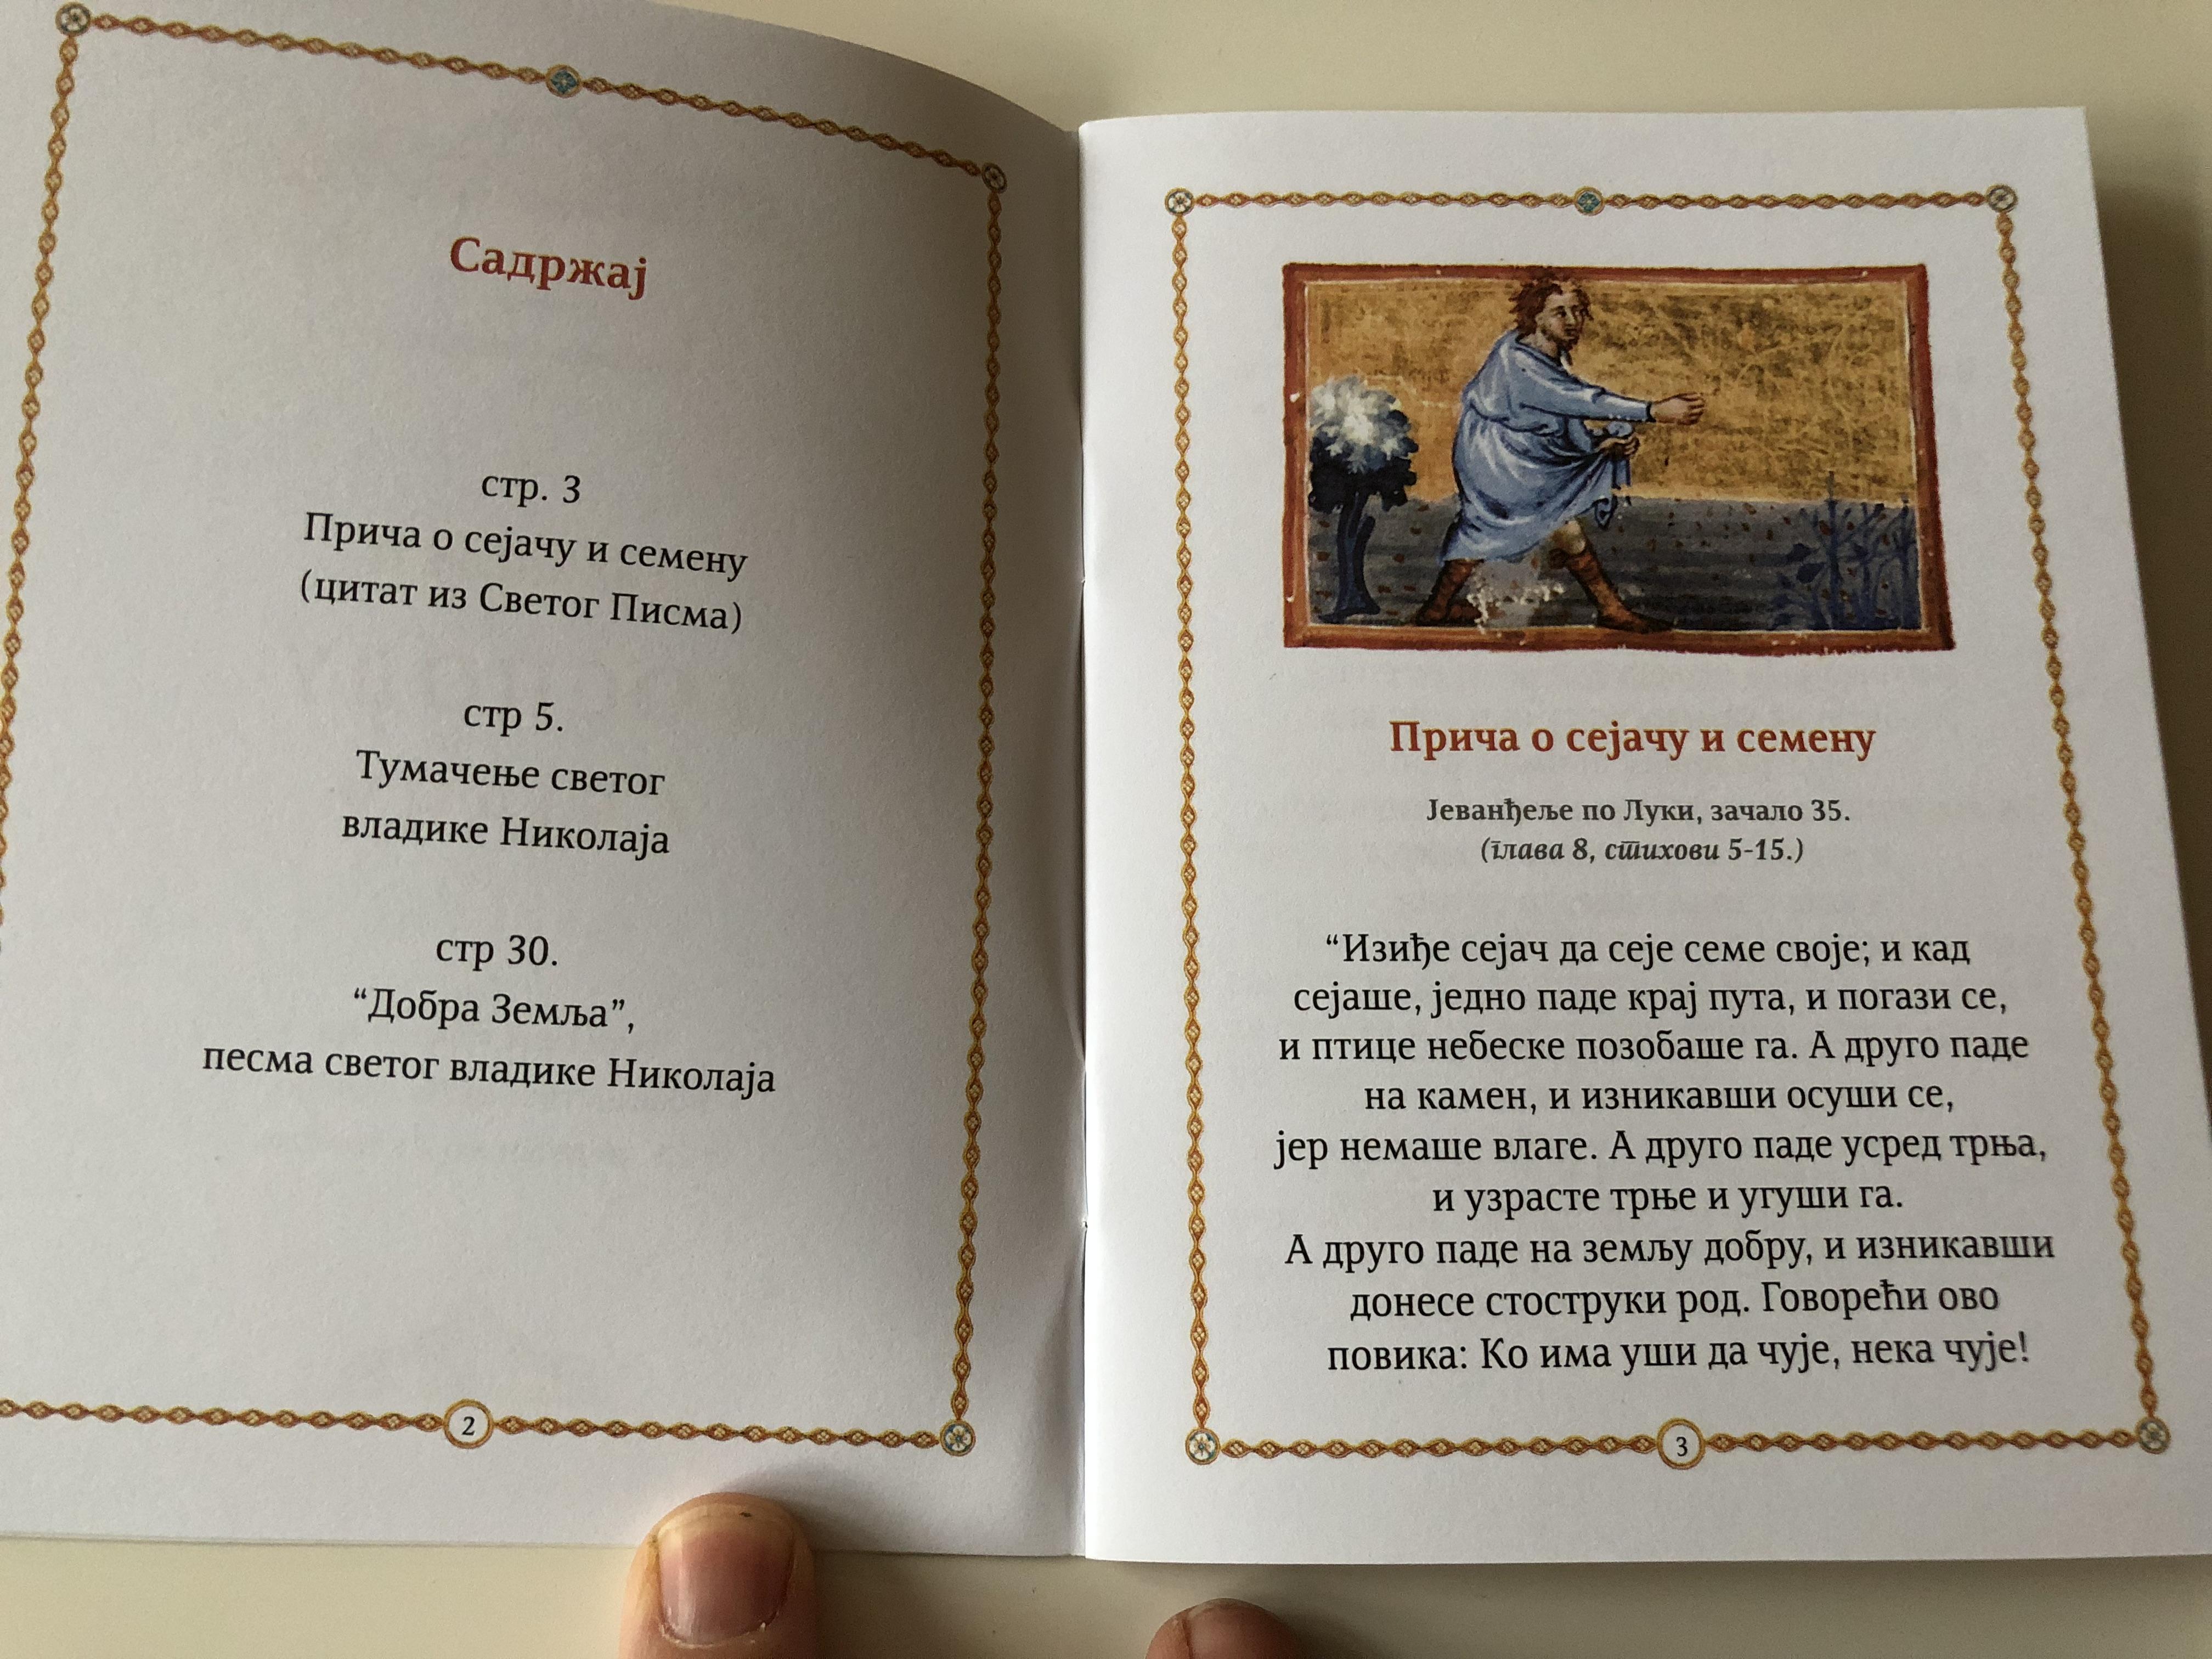 serbian-jesus-parable-of-sower-of-seeds-orthodox-storybook-3-.jpg